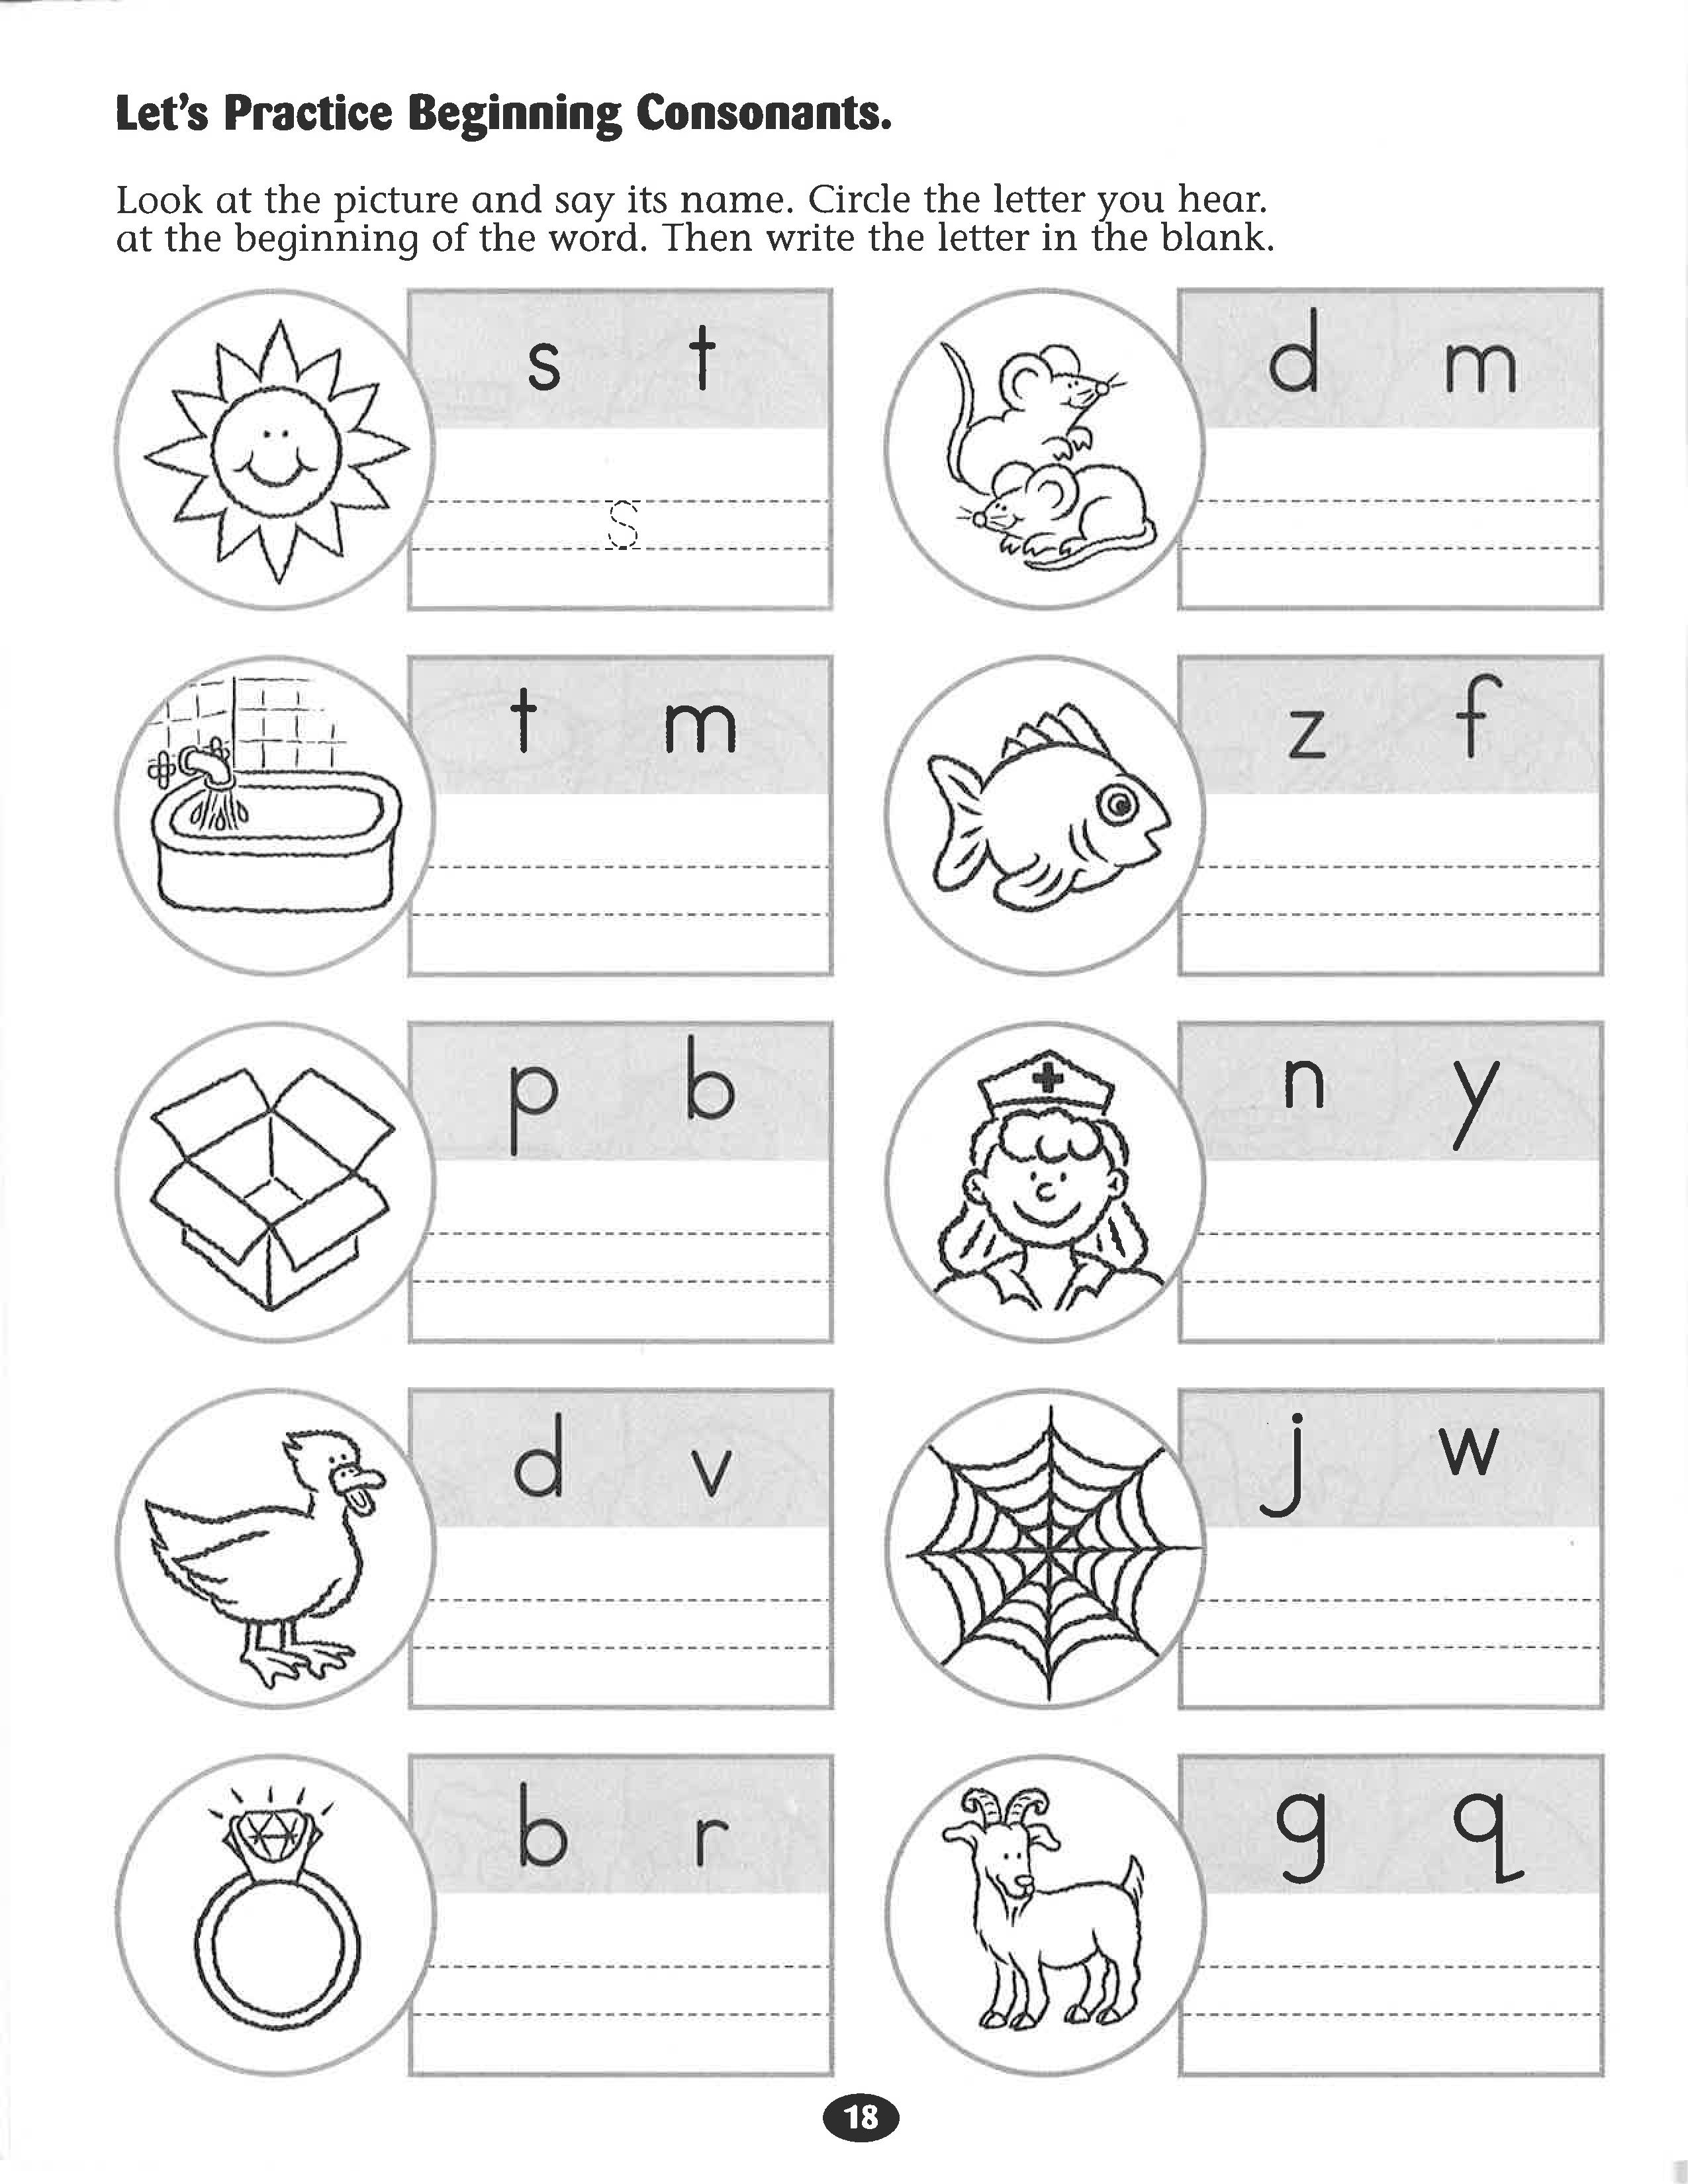 - Let's Practice Beginning Consonants #worksheet. School Readiness